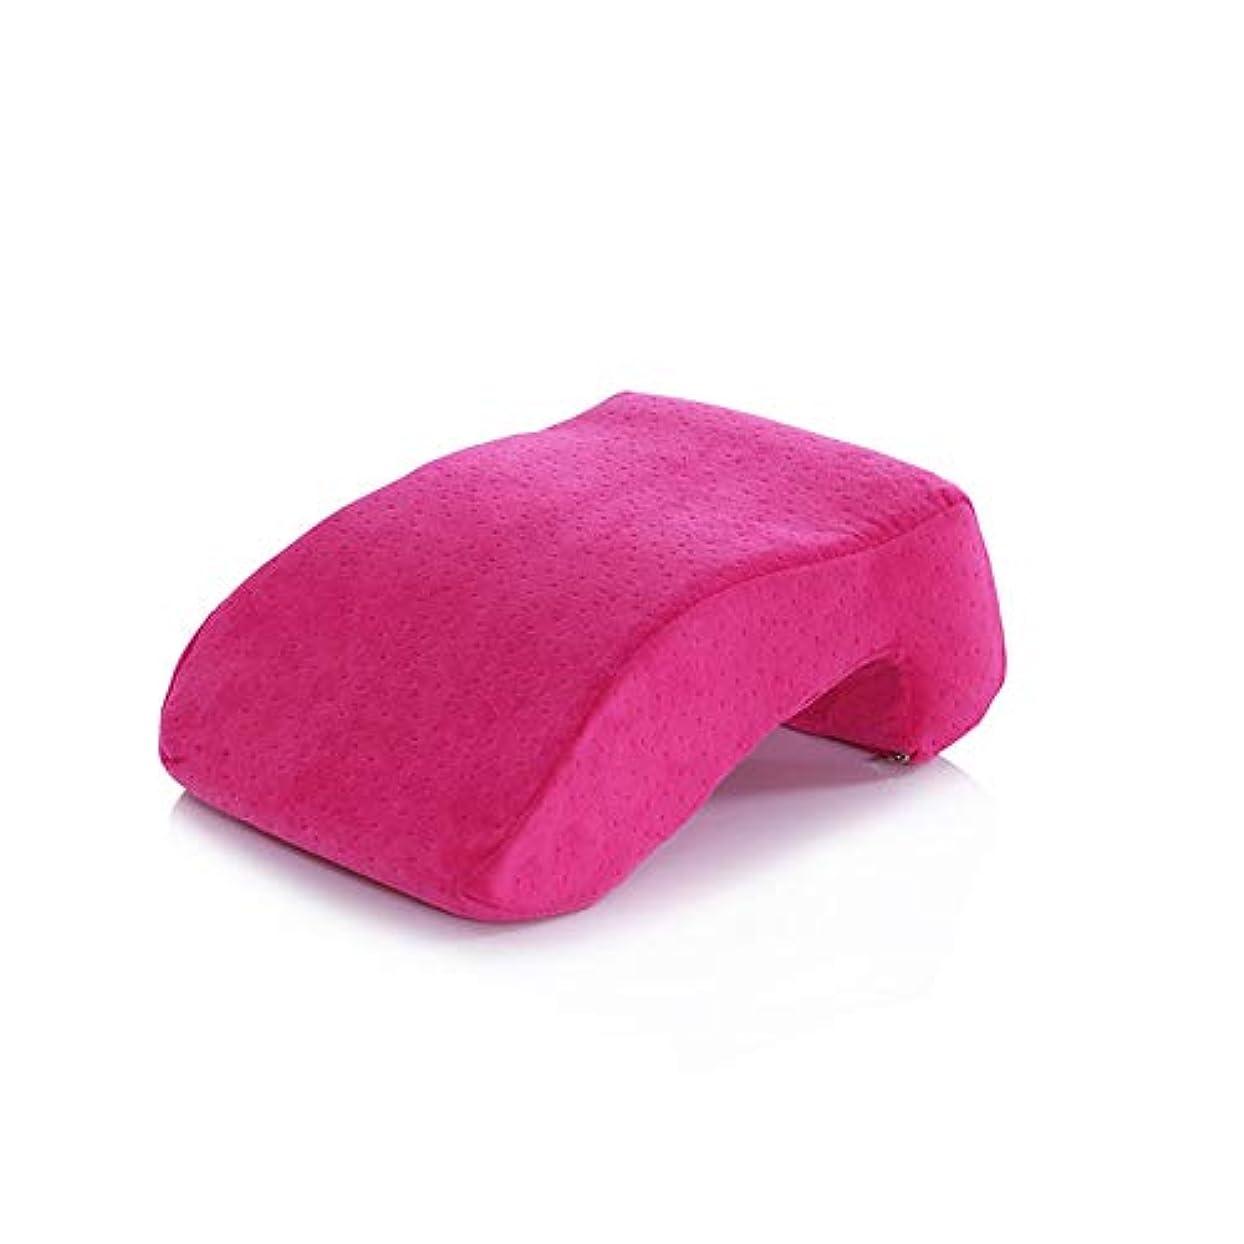 新年レキシコン悪性腫瘍取り外し可能なキルティングカバーが付いているサポート枕オフィスの休息の枕学生の昼休みの枕